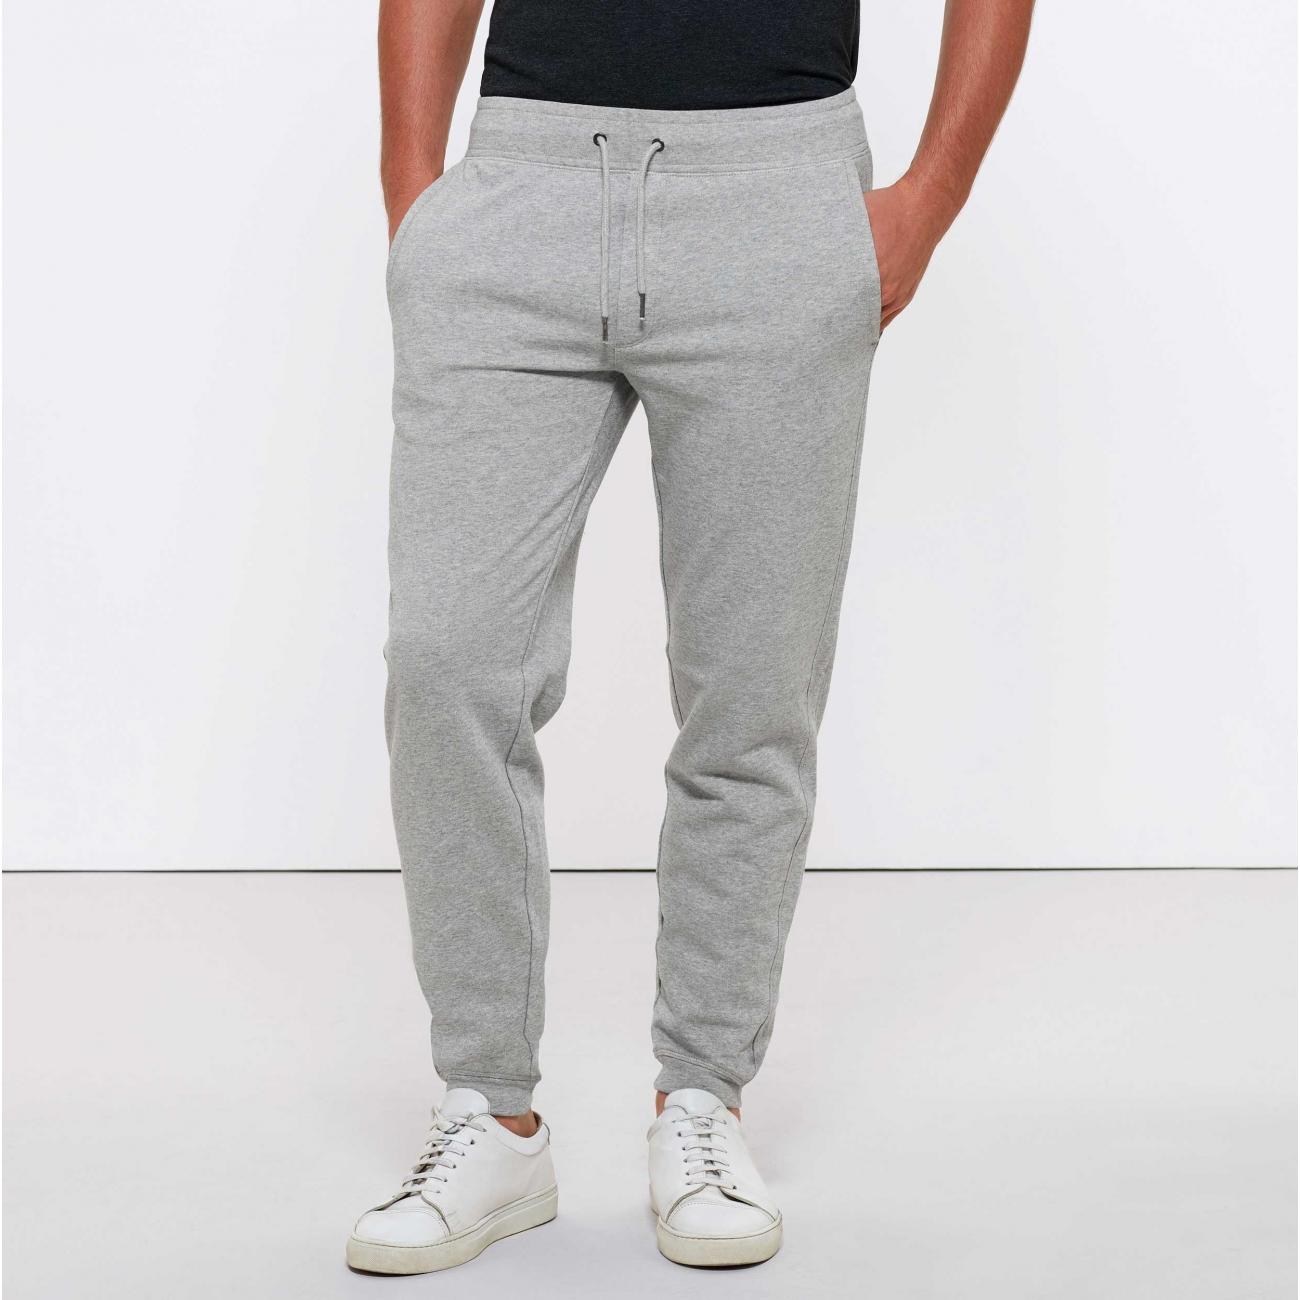 http://tee-shirt-bio.com/5706-thickbox_default/pantalon-de-jogging-en-coton-bio-gris-chine-pour-homme.jpg